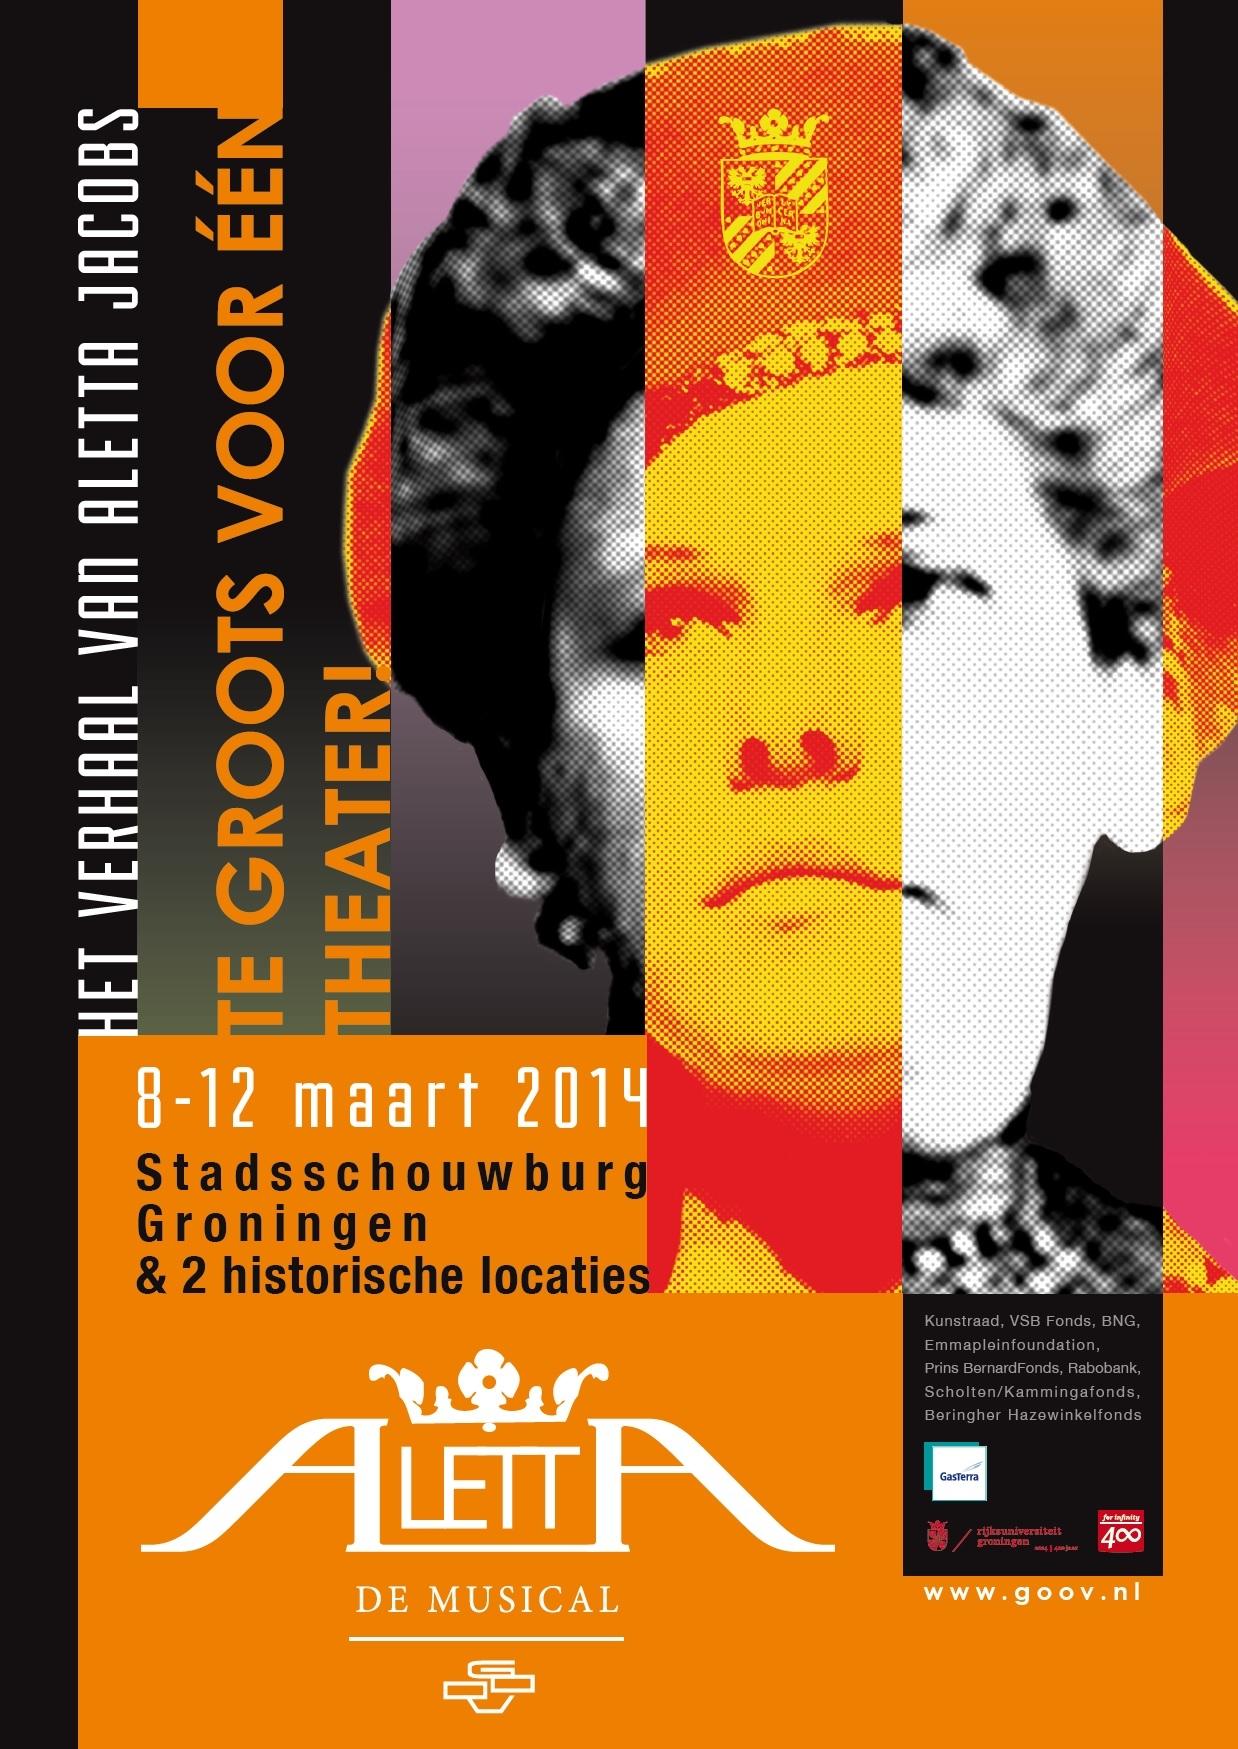 Poster Aletta de Musical 8-12 maart 2014